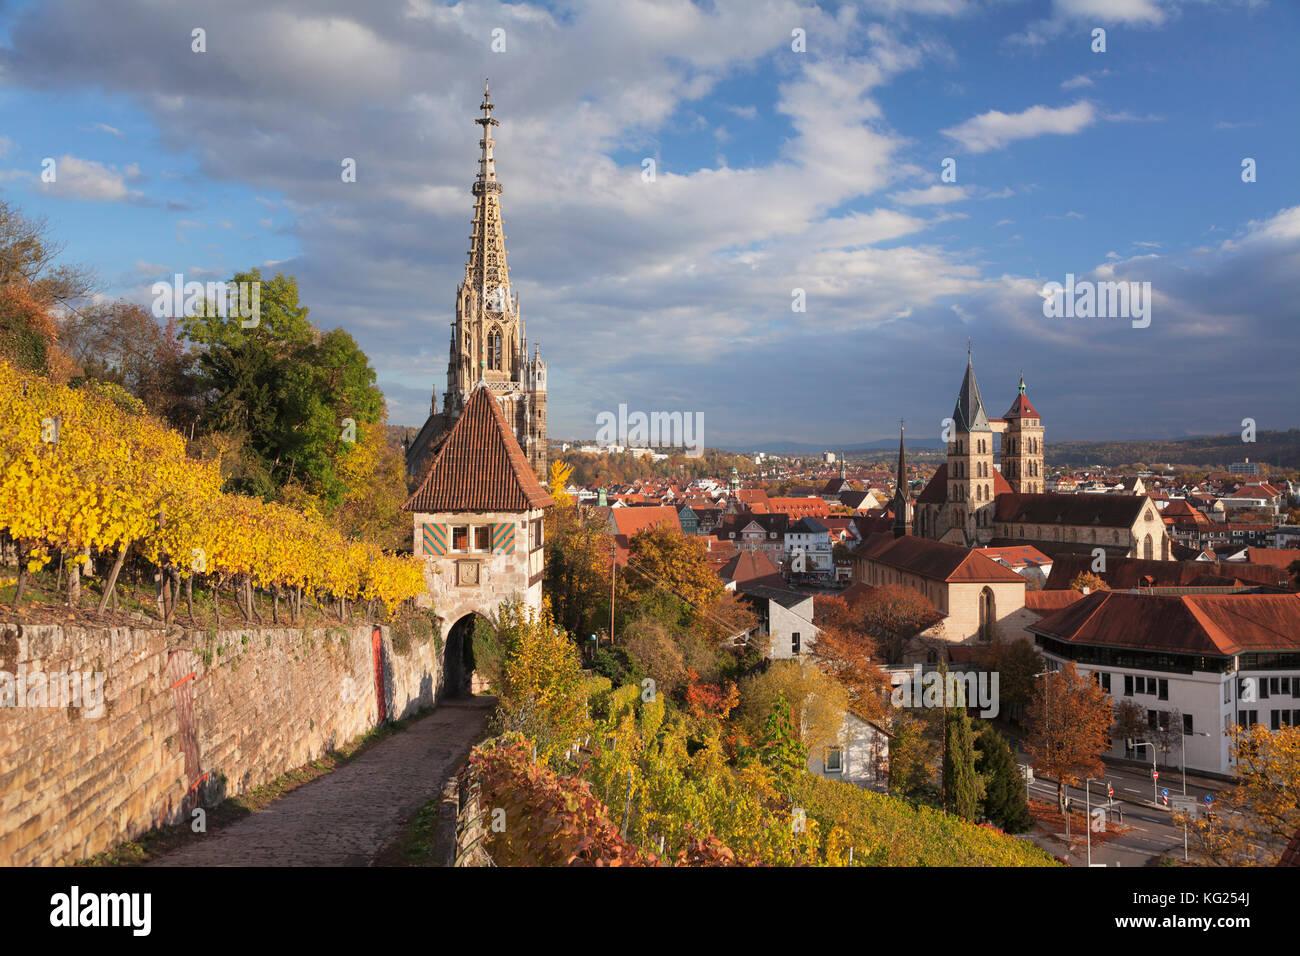 Blick von den Weinbergen mit St zu Esslingen. dionys Kirche und die Frauenkirche, Esslingen, Baden-Württemberg, Stockbild